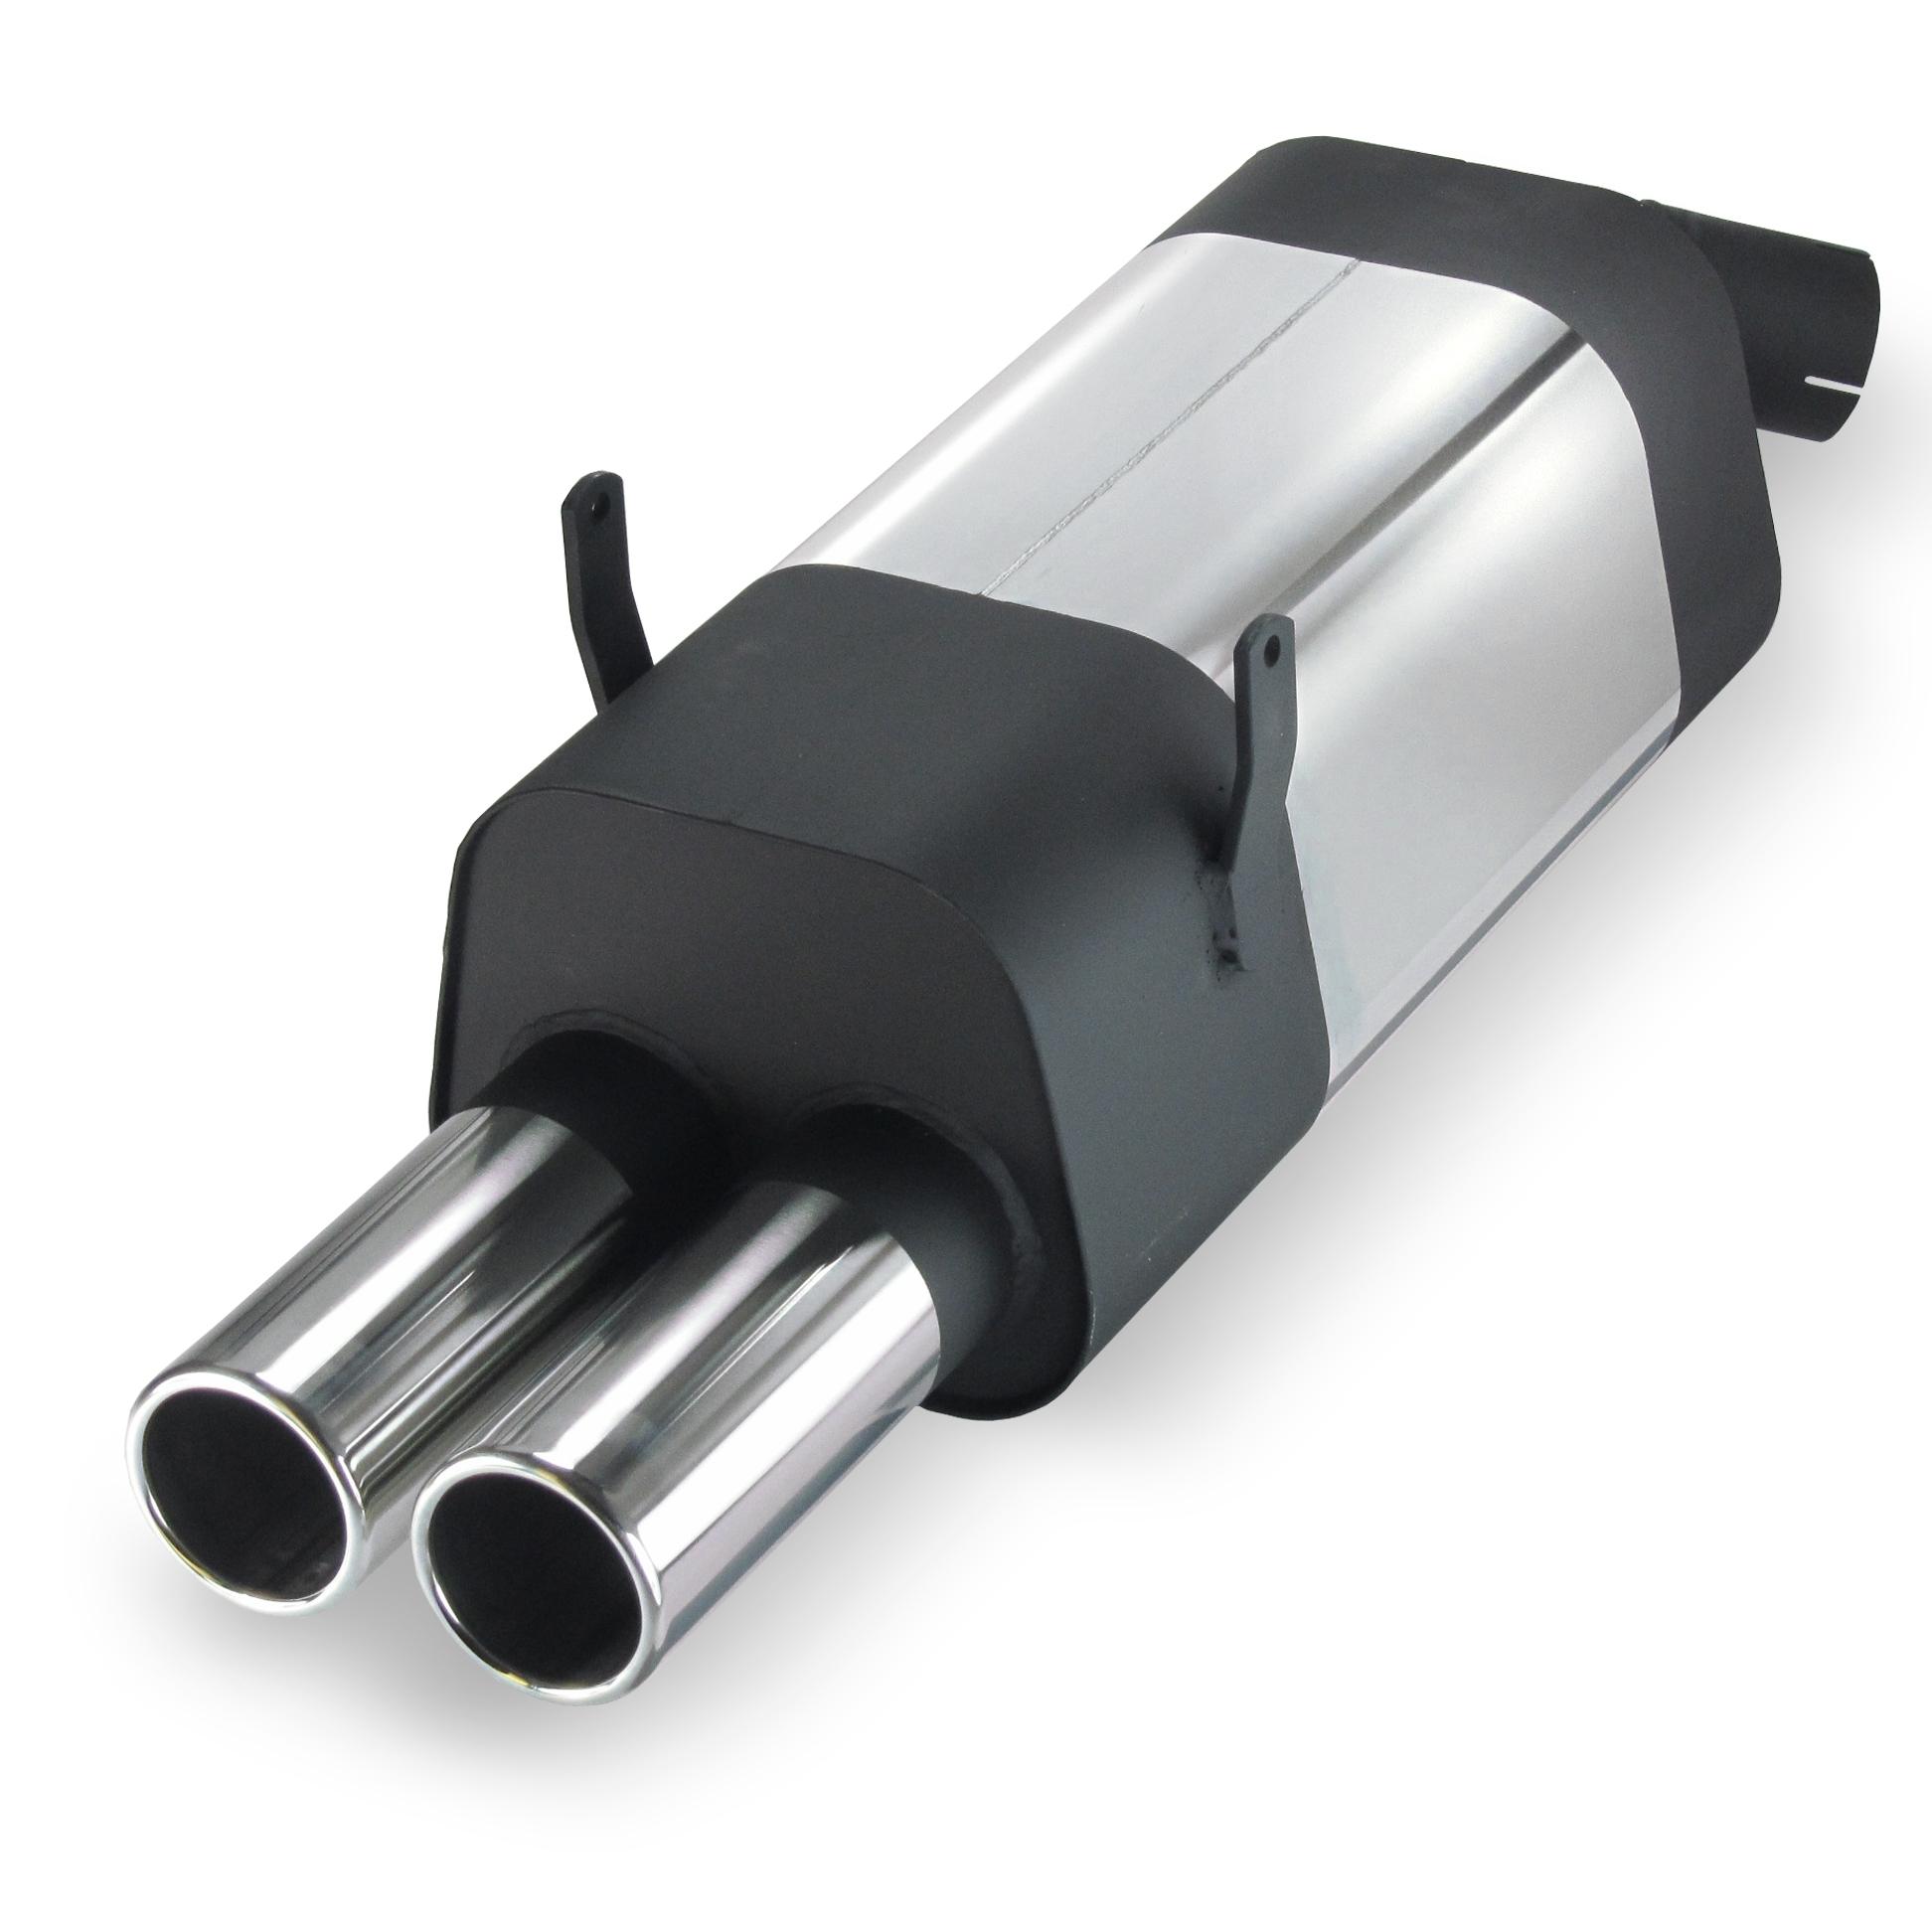 JOM Bagpotte rustfri stål med 2x76 mm lige afgange. Til BMW 3 serie E36 320i-323i